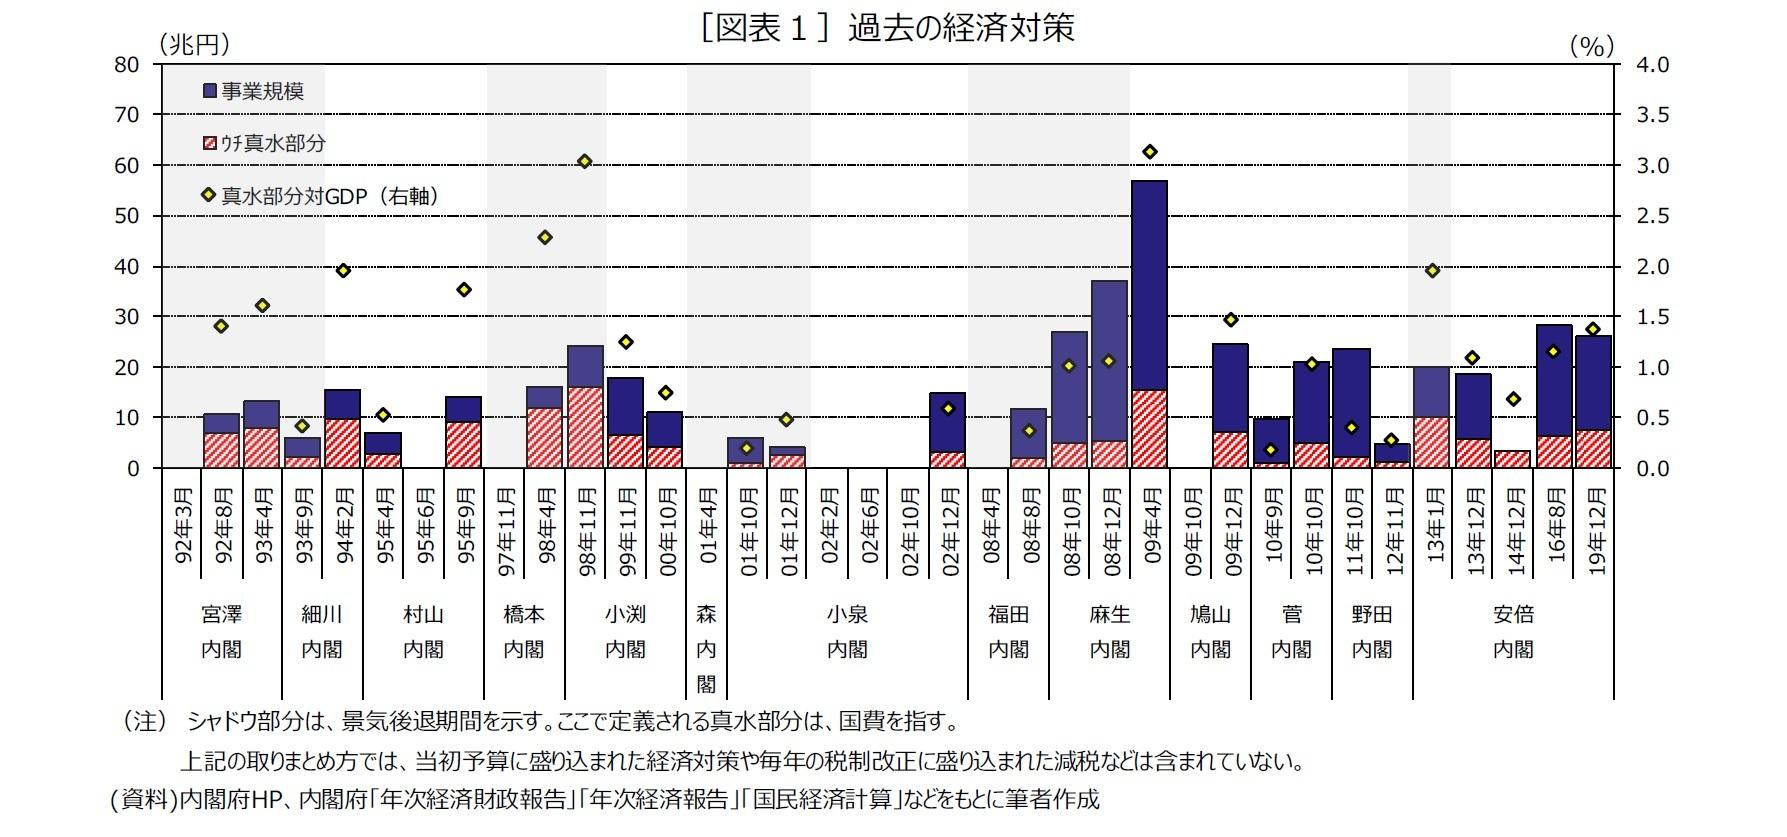 [図表1]過去の経済対策